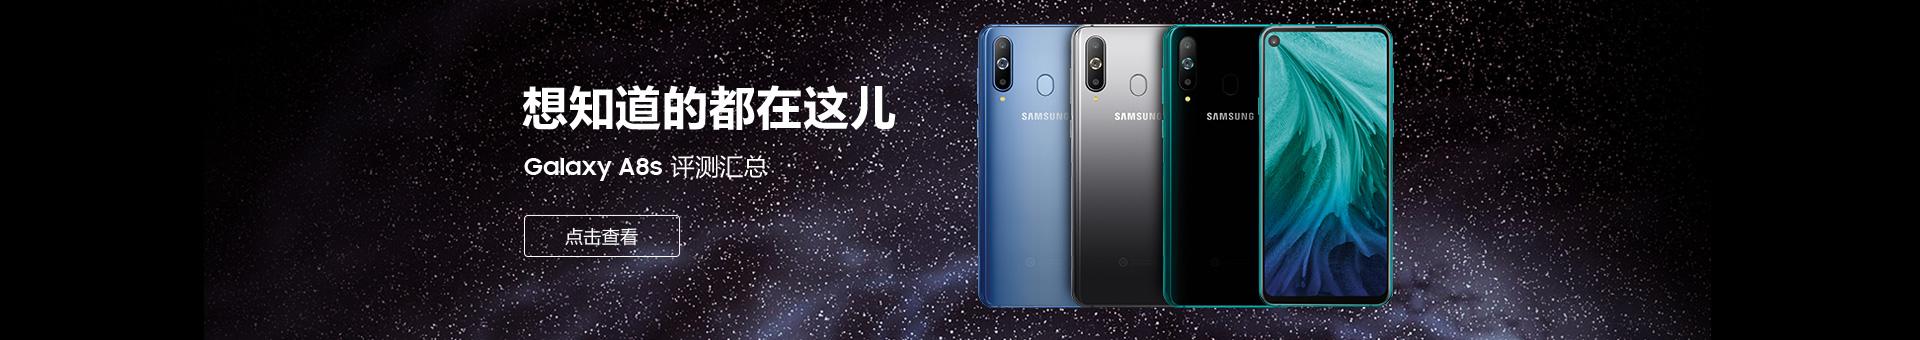 三星Galaxy A8s评测汇总